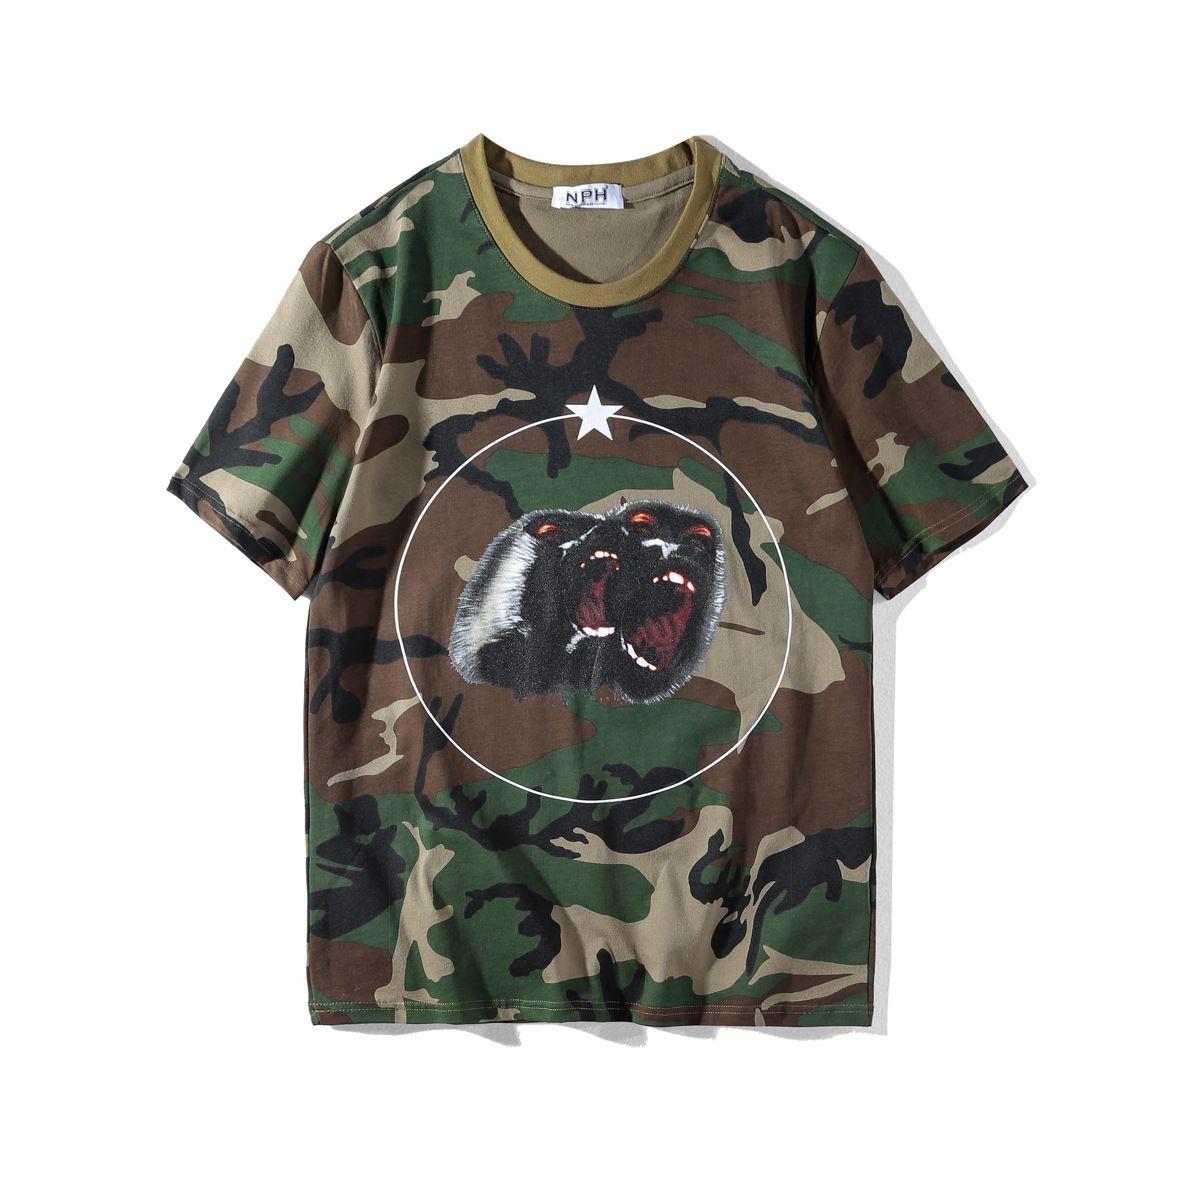 Lujo camisetas del verano para hombre de marcas de diseño de moda camiseta de los hombres Camiseta de las mujeres Hip Hop Tamaño rugido orangután mono de manga corta S-XXL